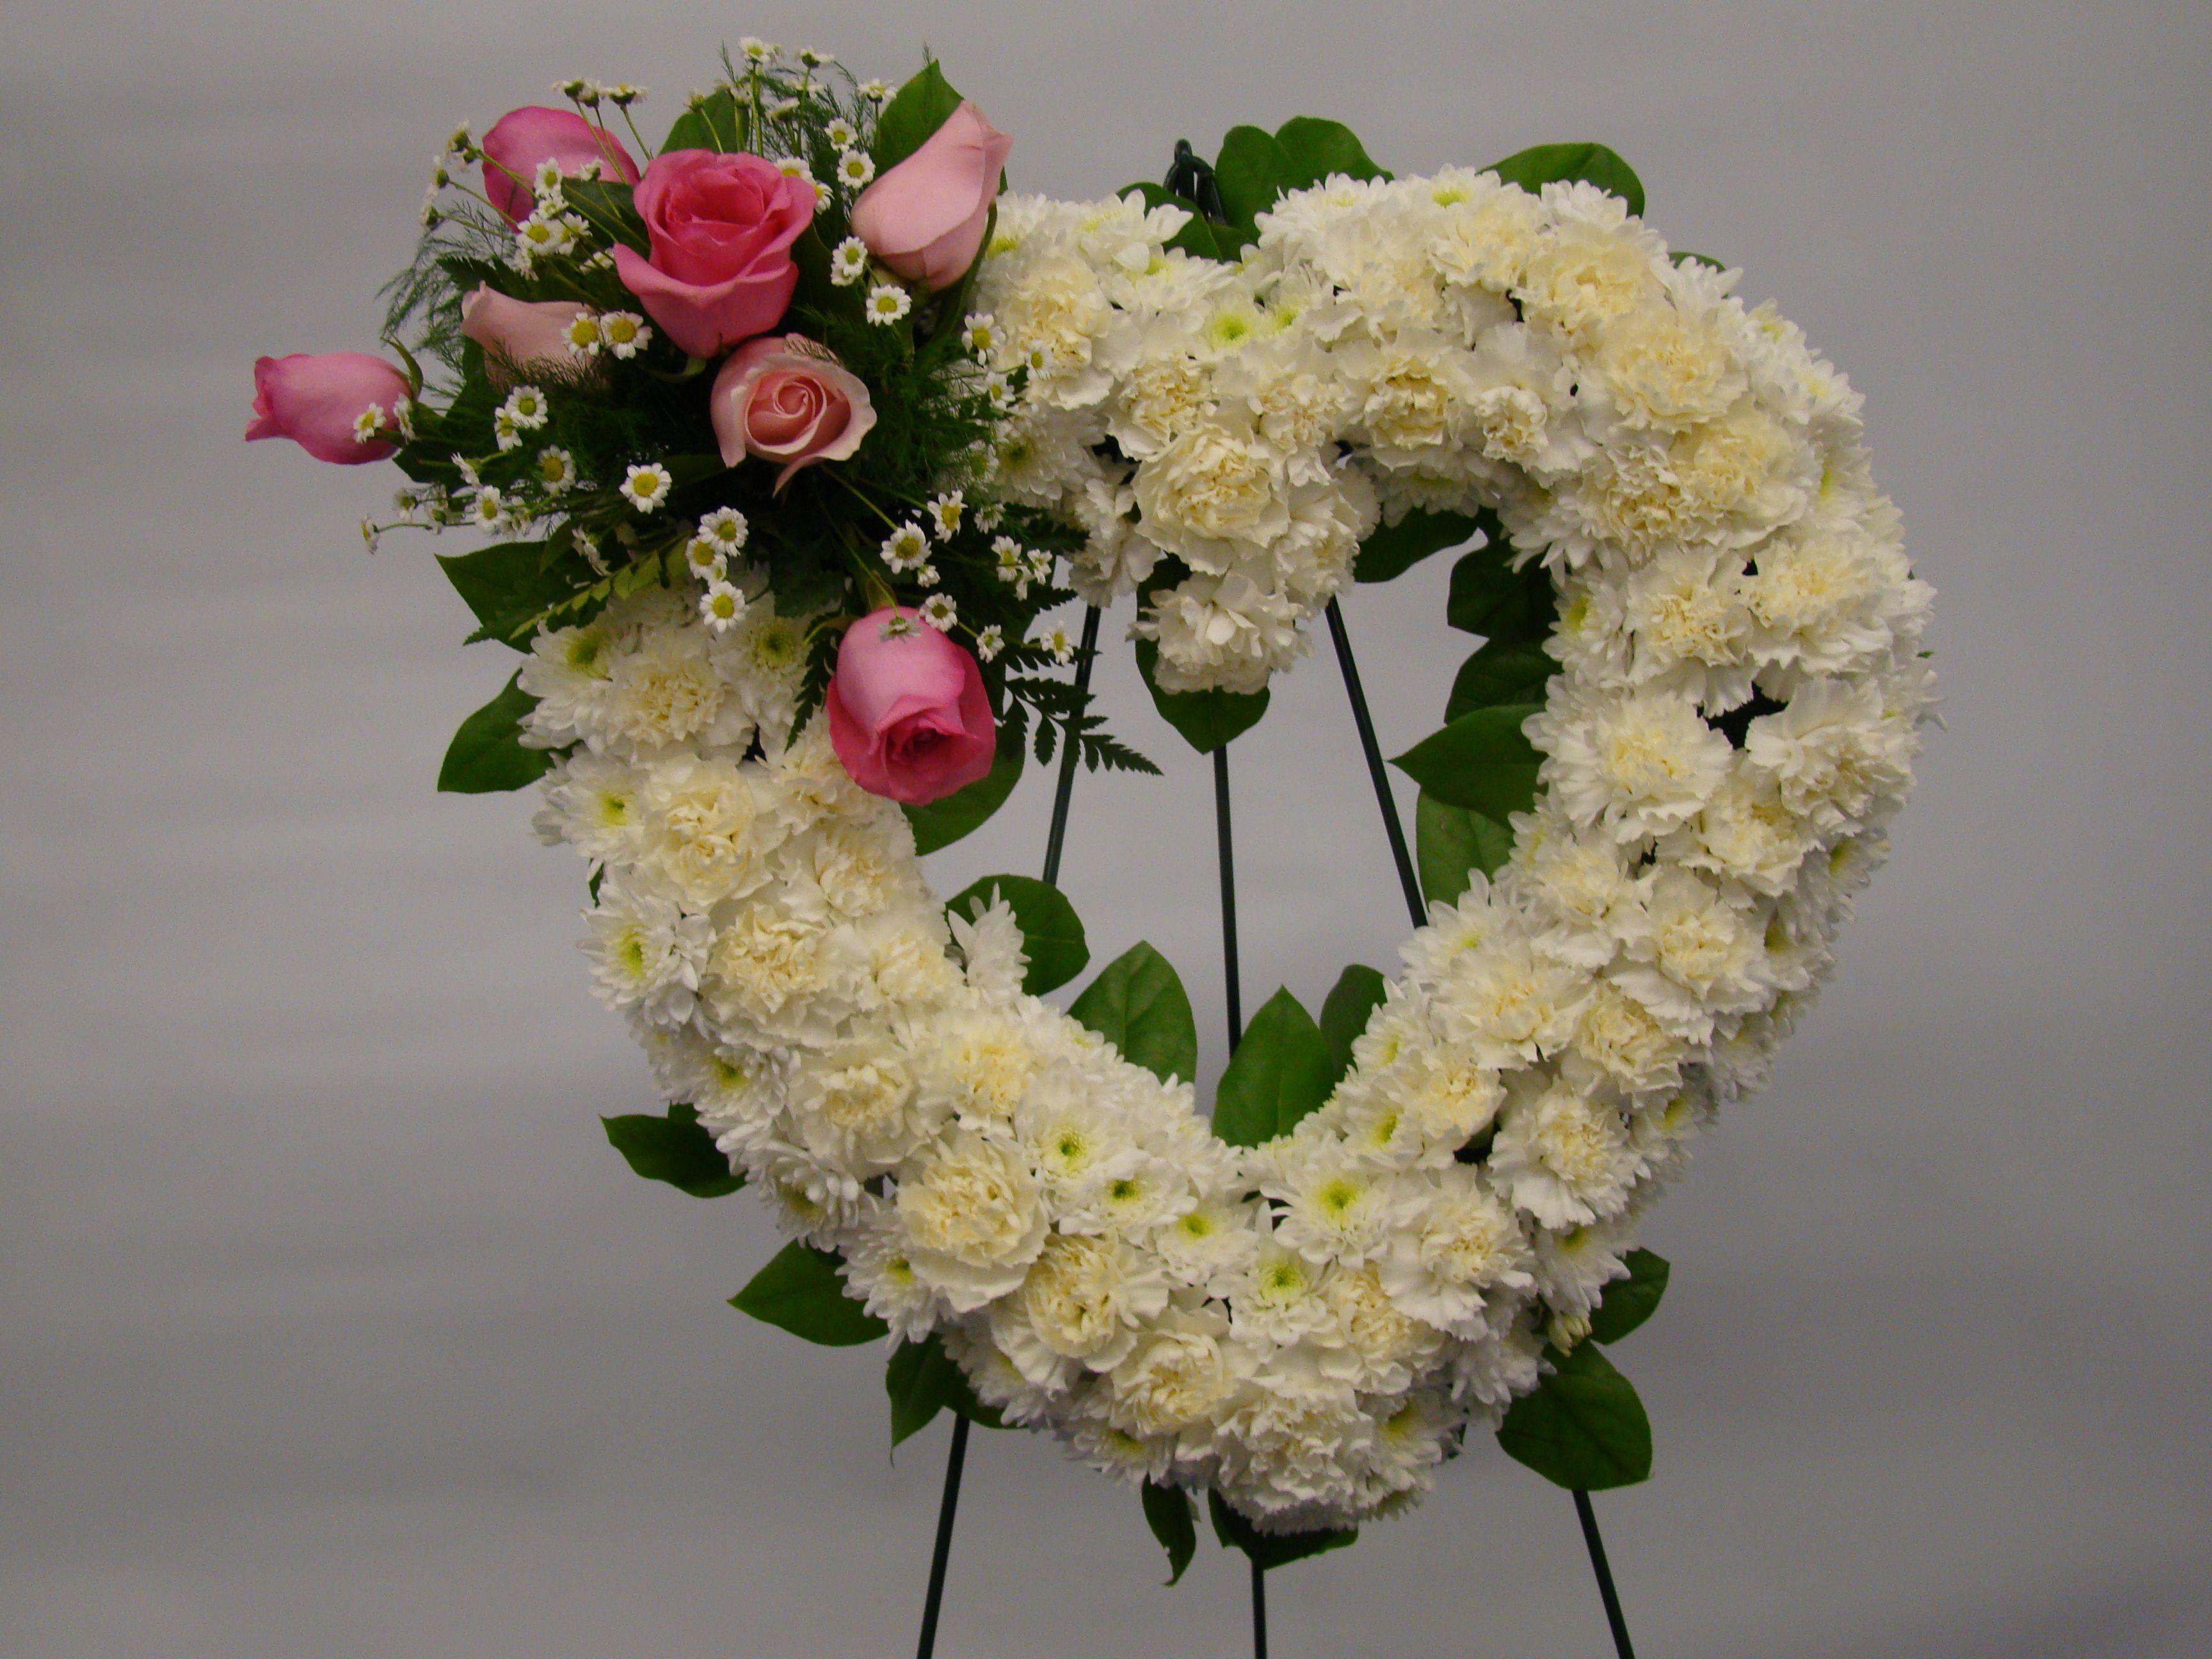 Sympathy with ucwords] Symfnr 104 Wreath Arrangement